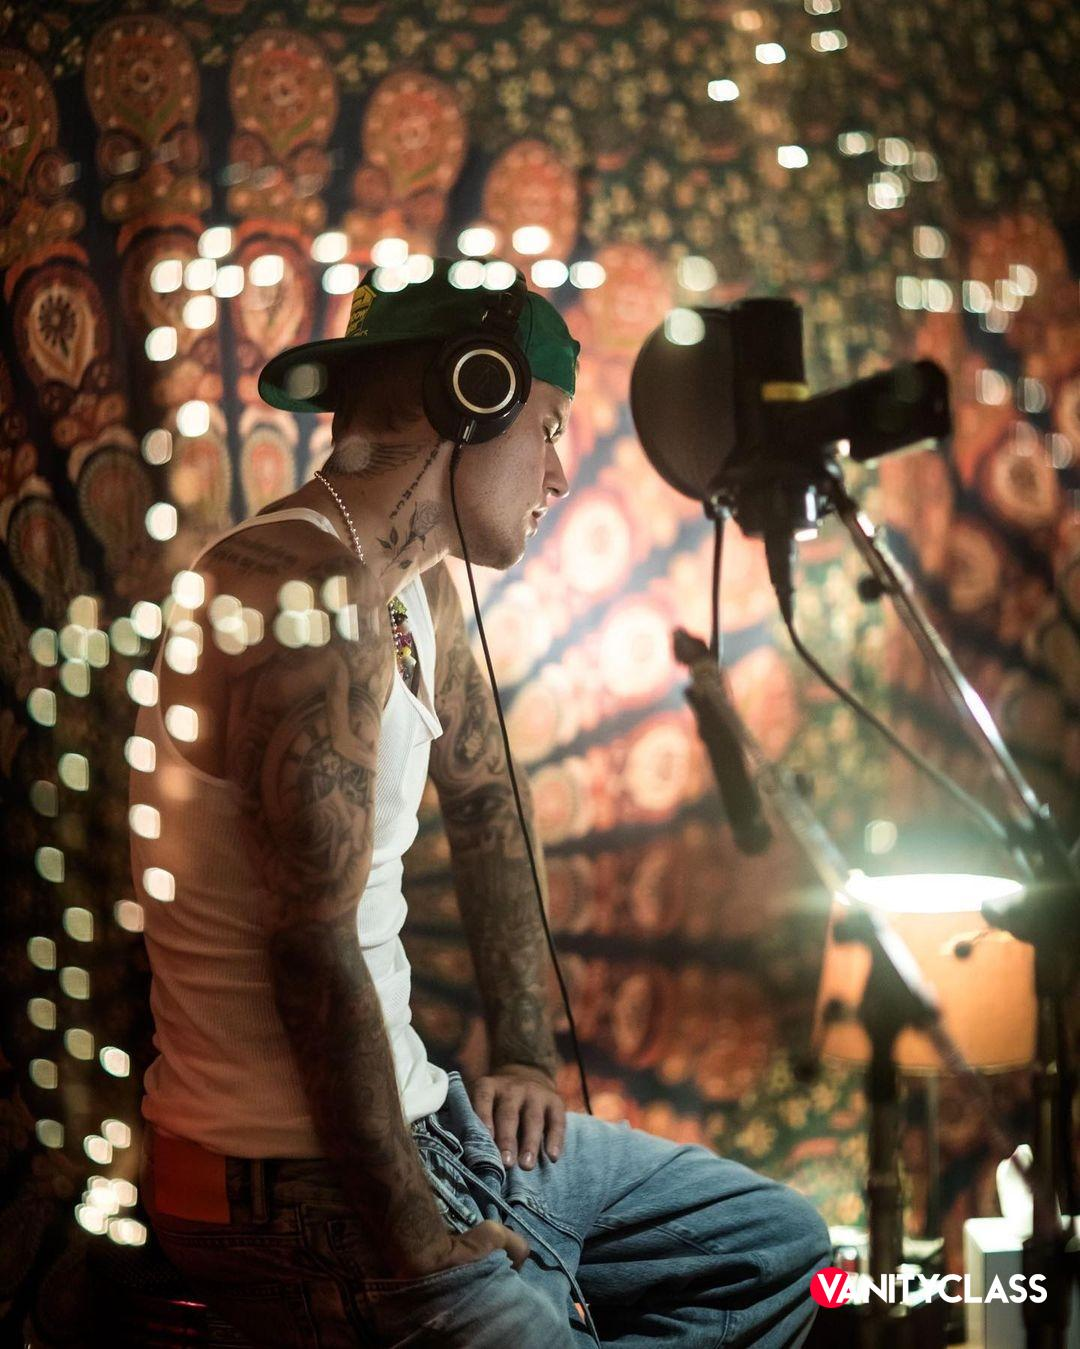 Justin Bieber: Our World debutterà in anteprima mondiale su Prime Video